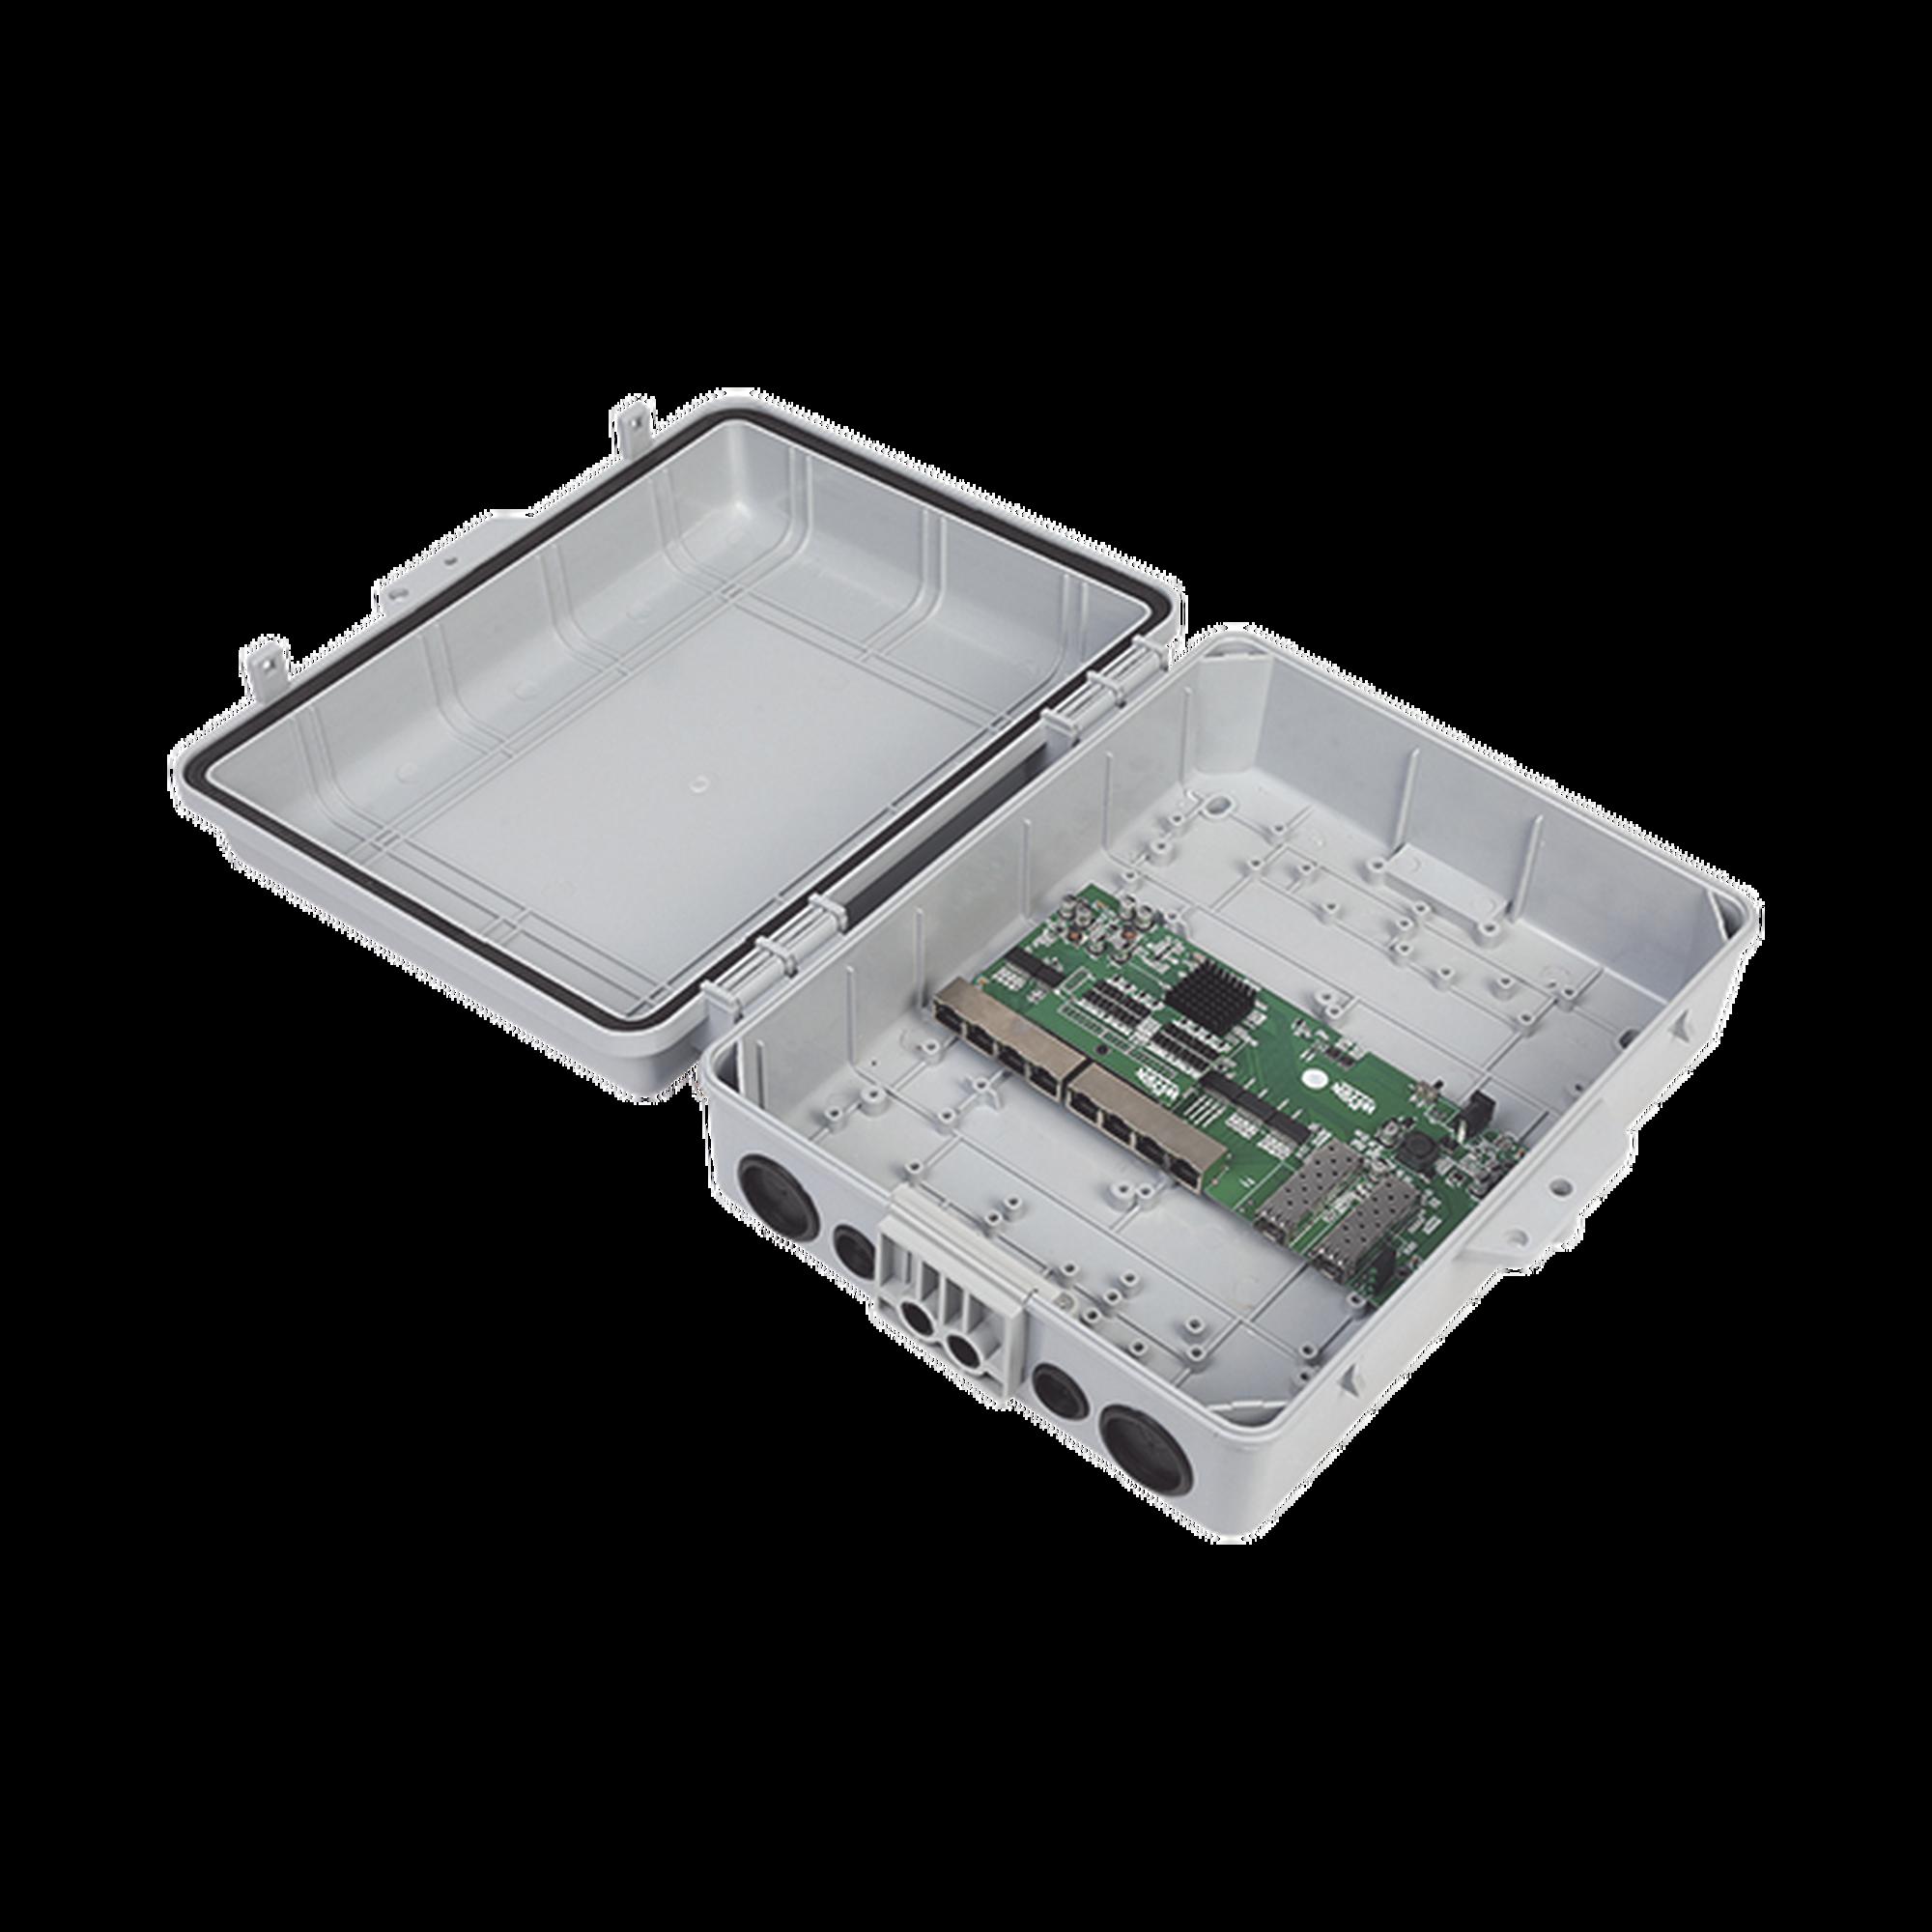 Switch WISP/FTTx con 7 puertos PoE inverso de 24V Pasivo (PoE in), 1 puerto PoE out de 24V + 2 SFP, Integrado con Gabinete NEMA IP67 para exterior